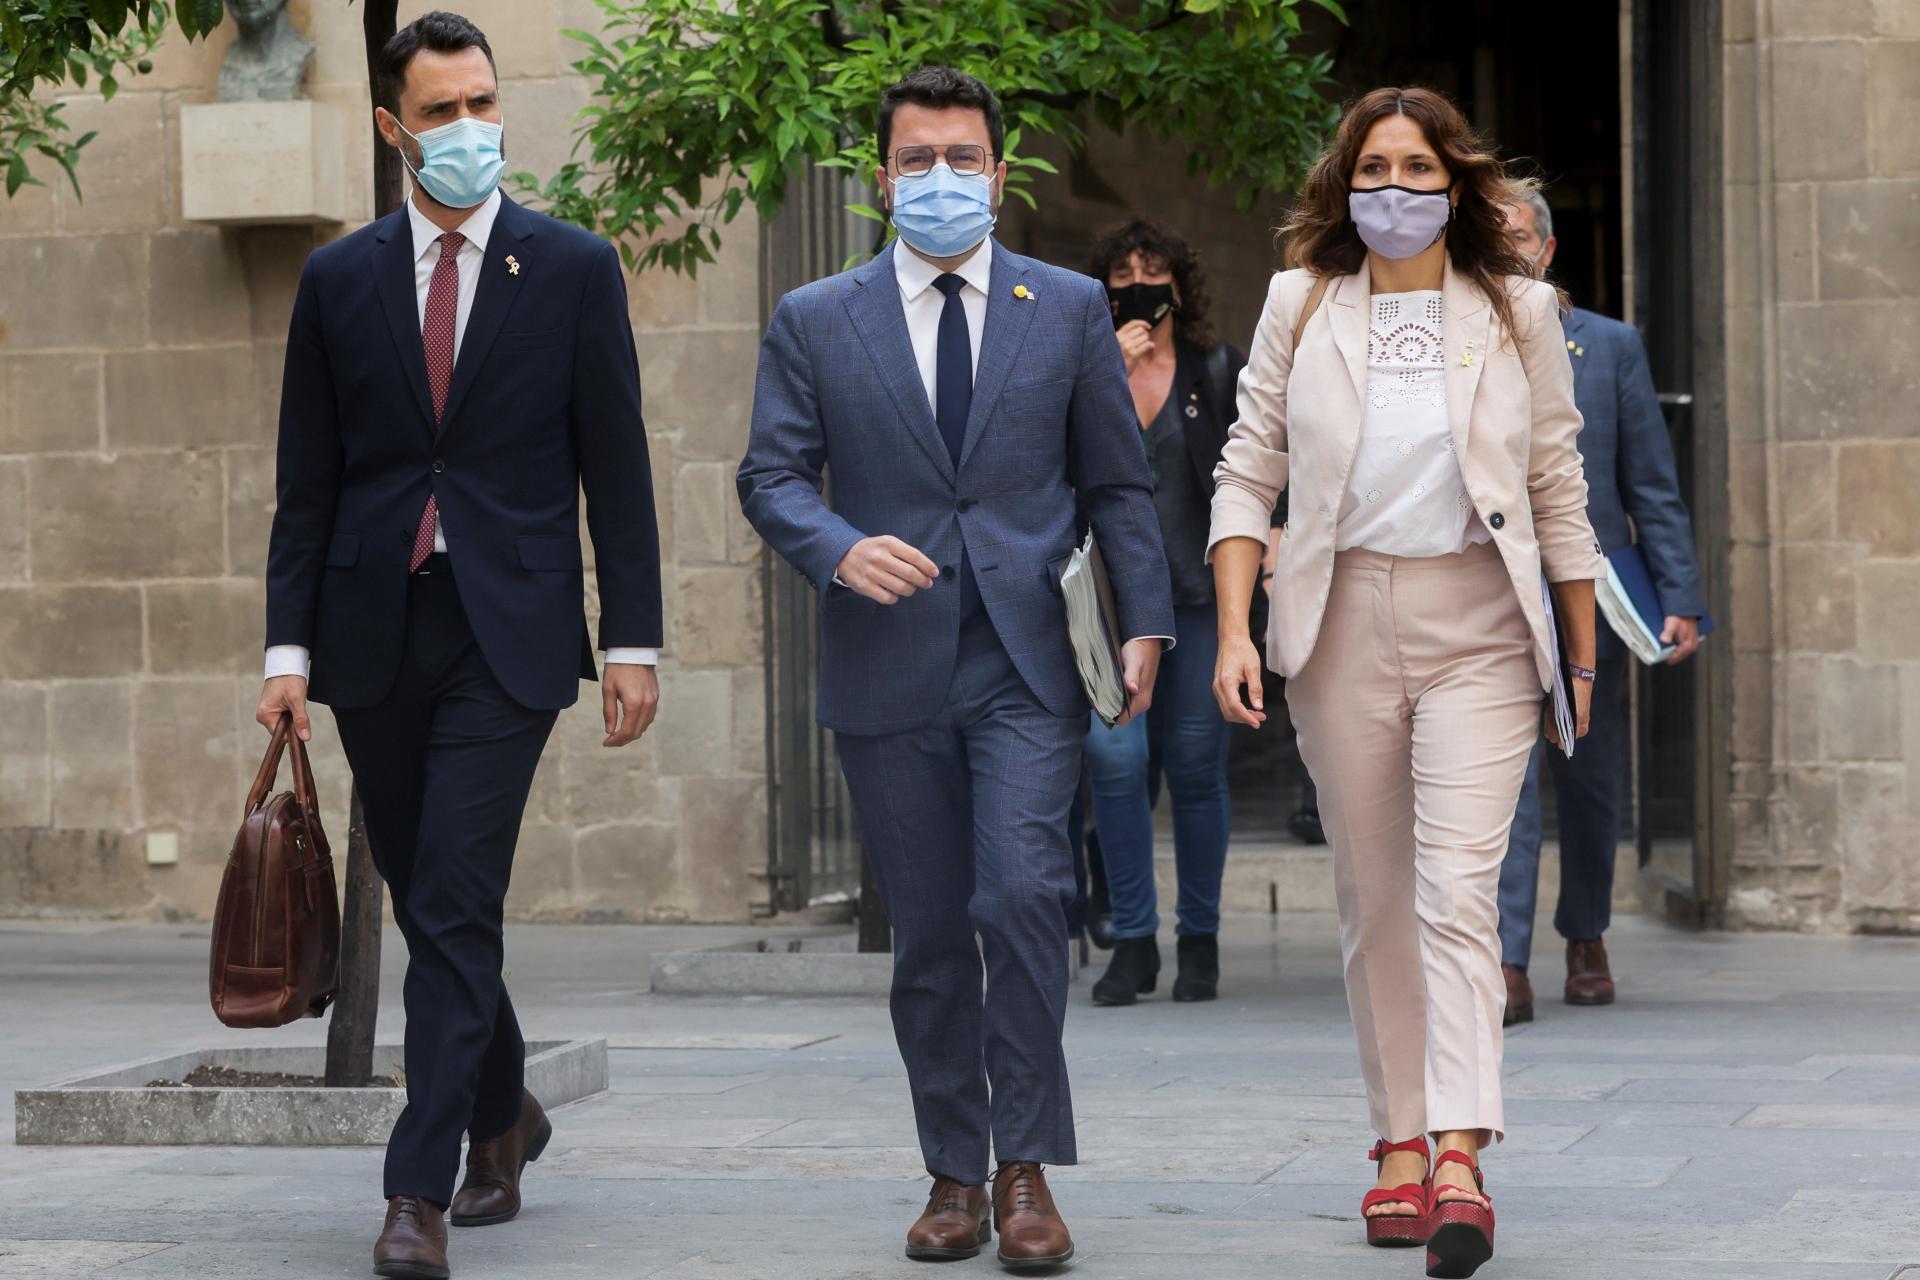 El Govern se desmarca de la manifestación en contra de la ampliación del aeropuerto de El Prat. En la imagen, Pere Aragonès, Laura Vilagrà y Roger Torrent. EFE/Quique García